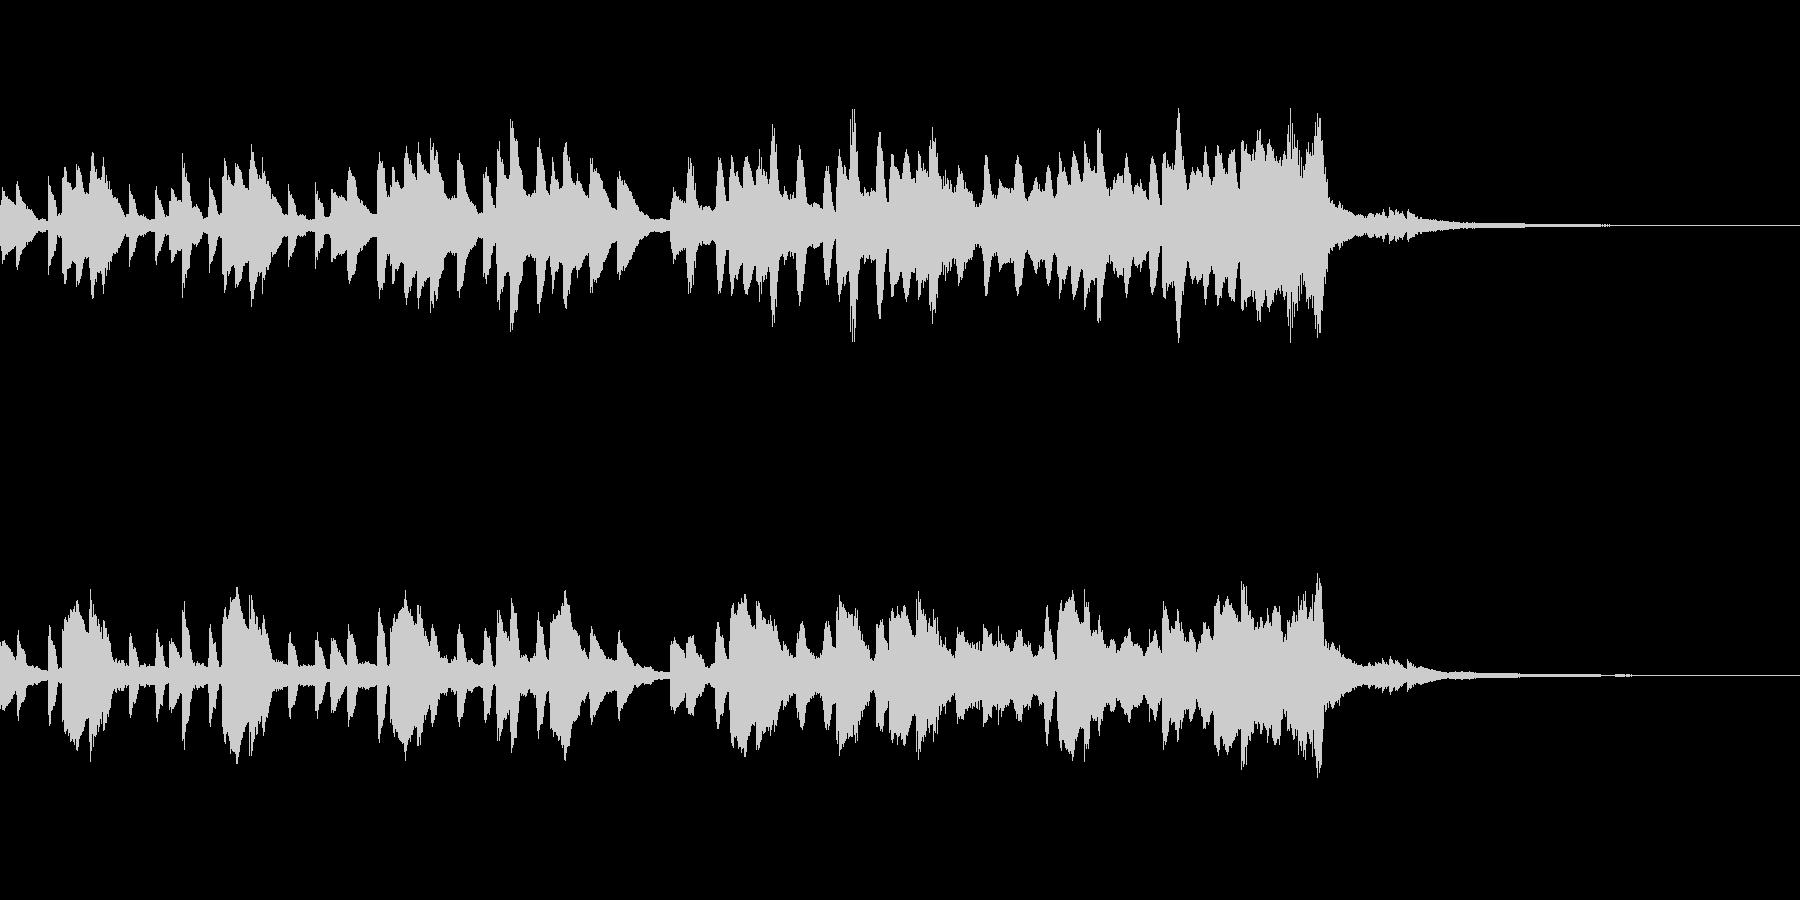 少し切ないピアノ&ストリングス ジングルの未再生の波形